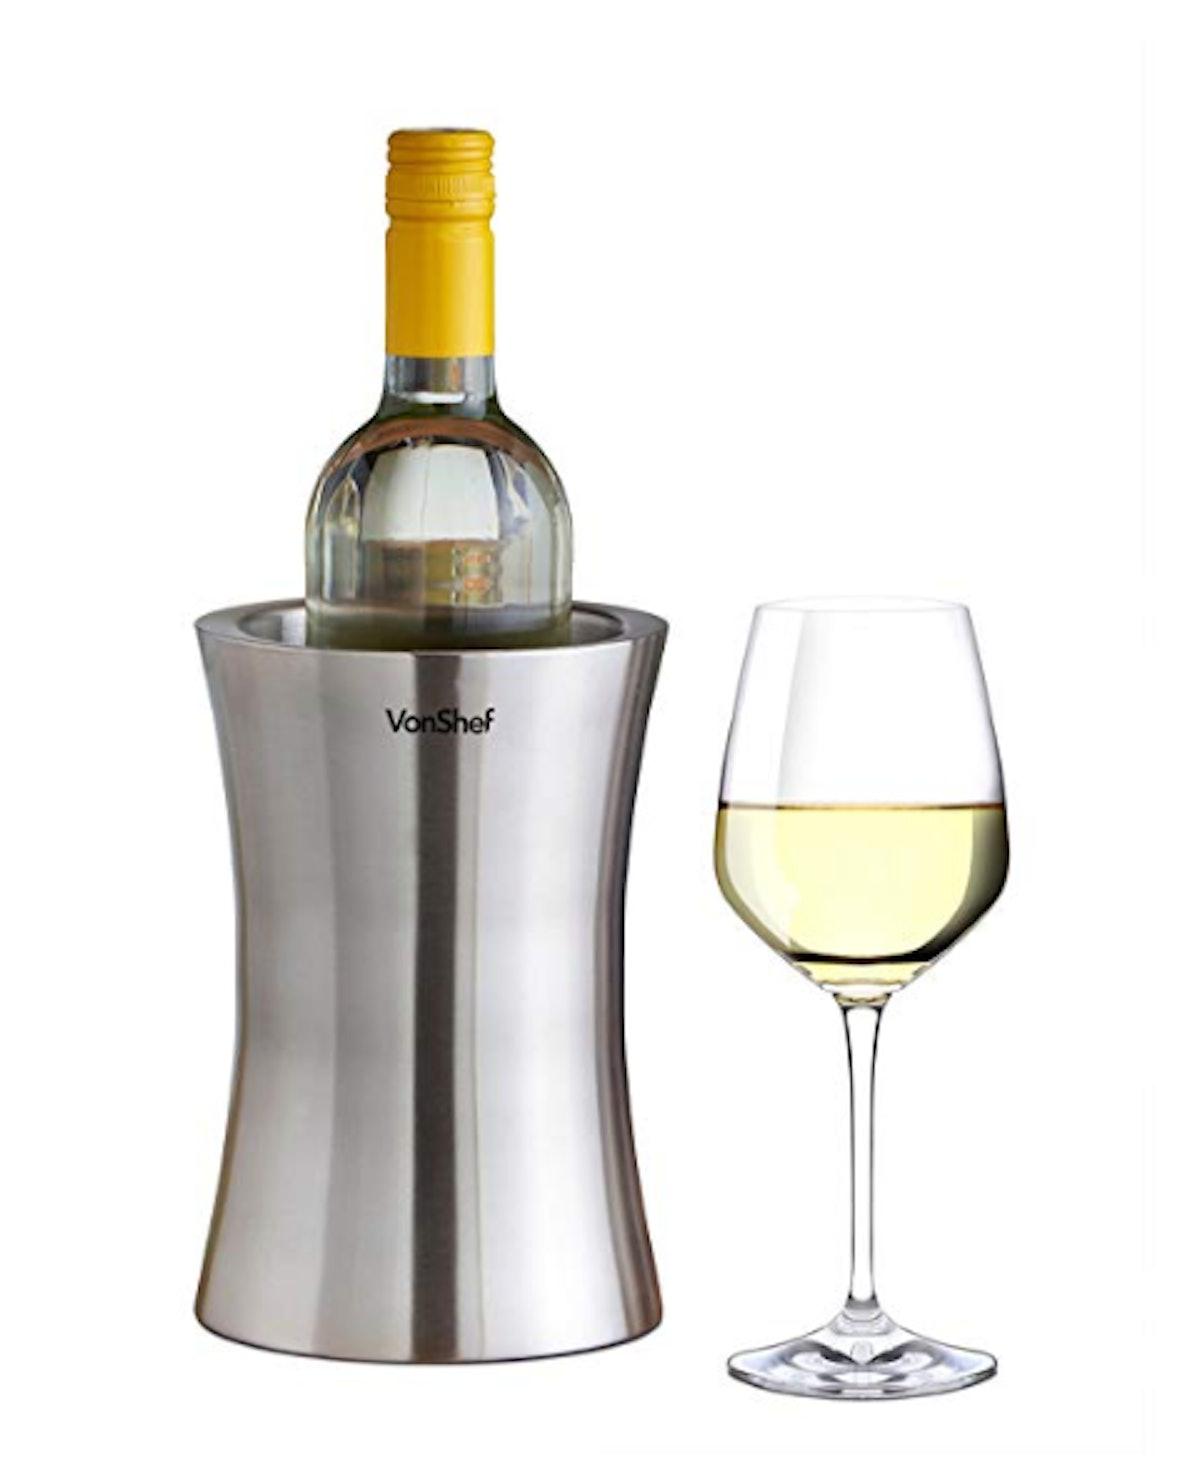 VonShelf Wine Bottle Chiller